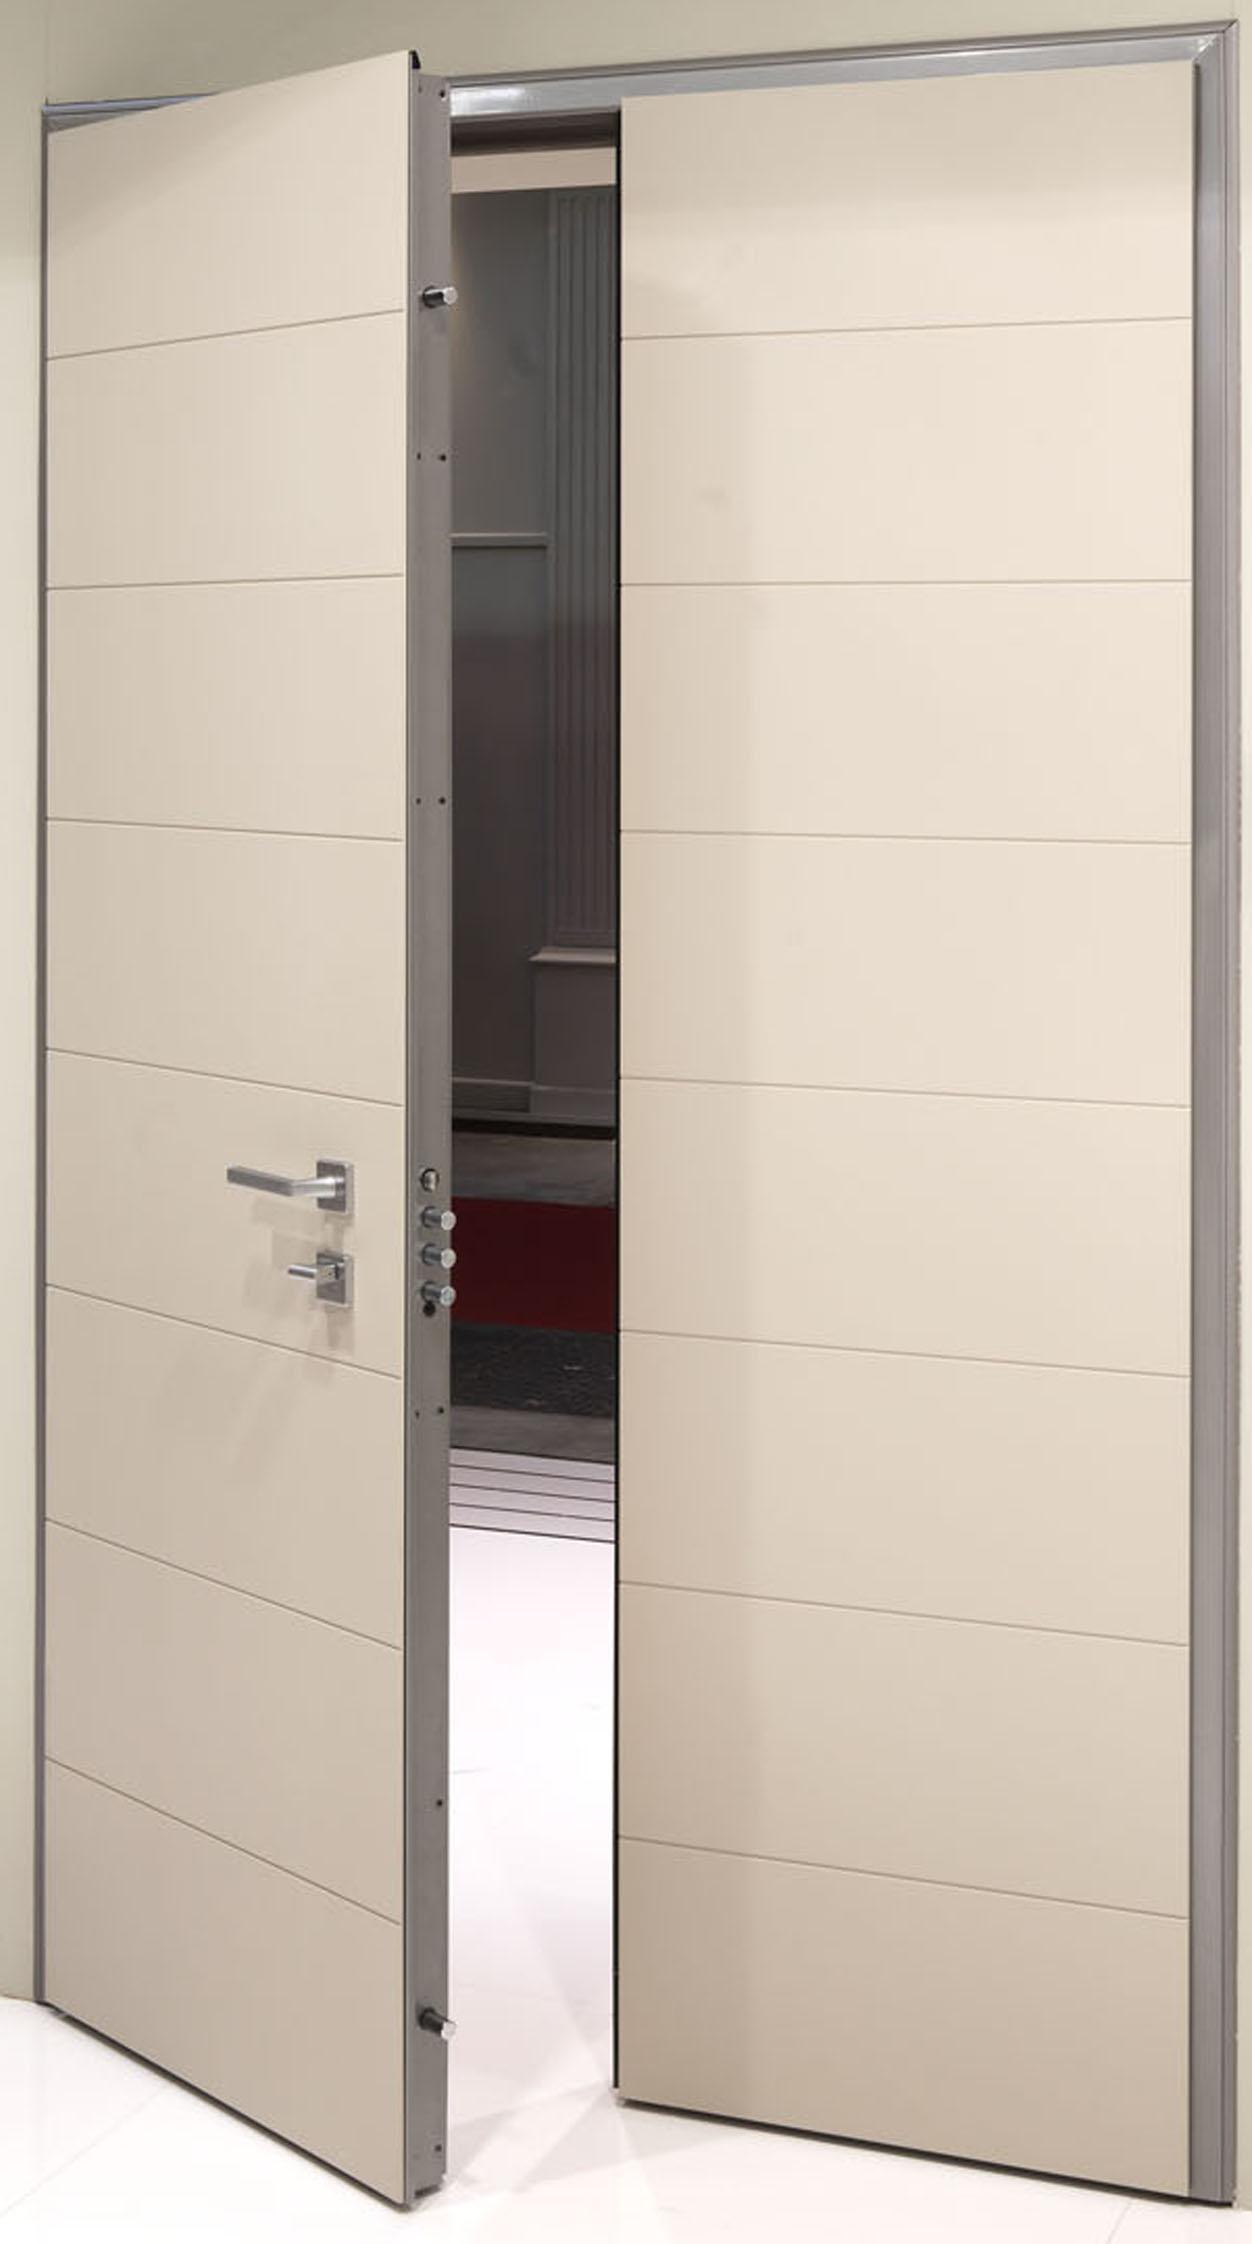 Elegantemente sicura classe 3 nuova raffinata porta blindata a doppio battente serramenti - Porta a doppio battente ...